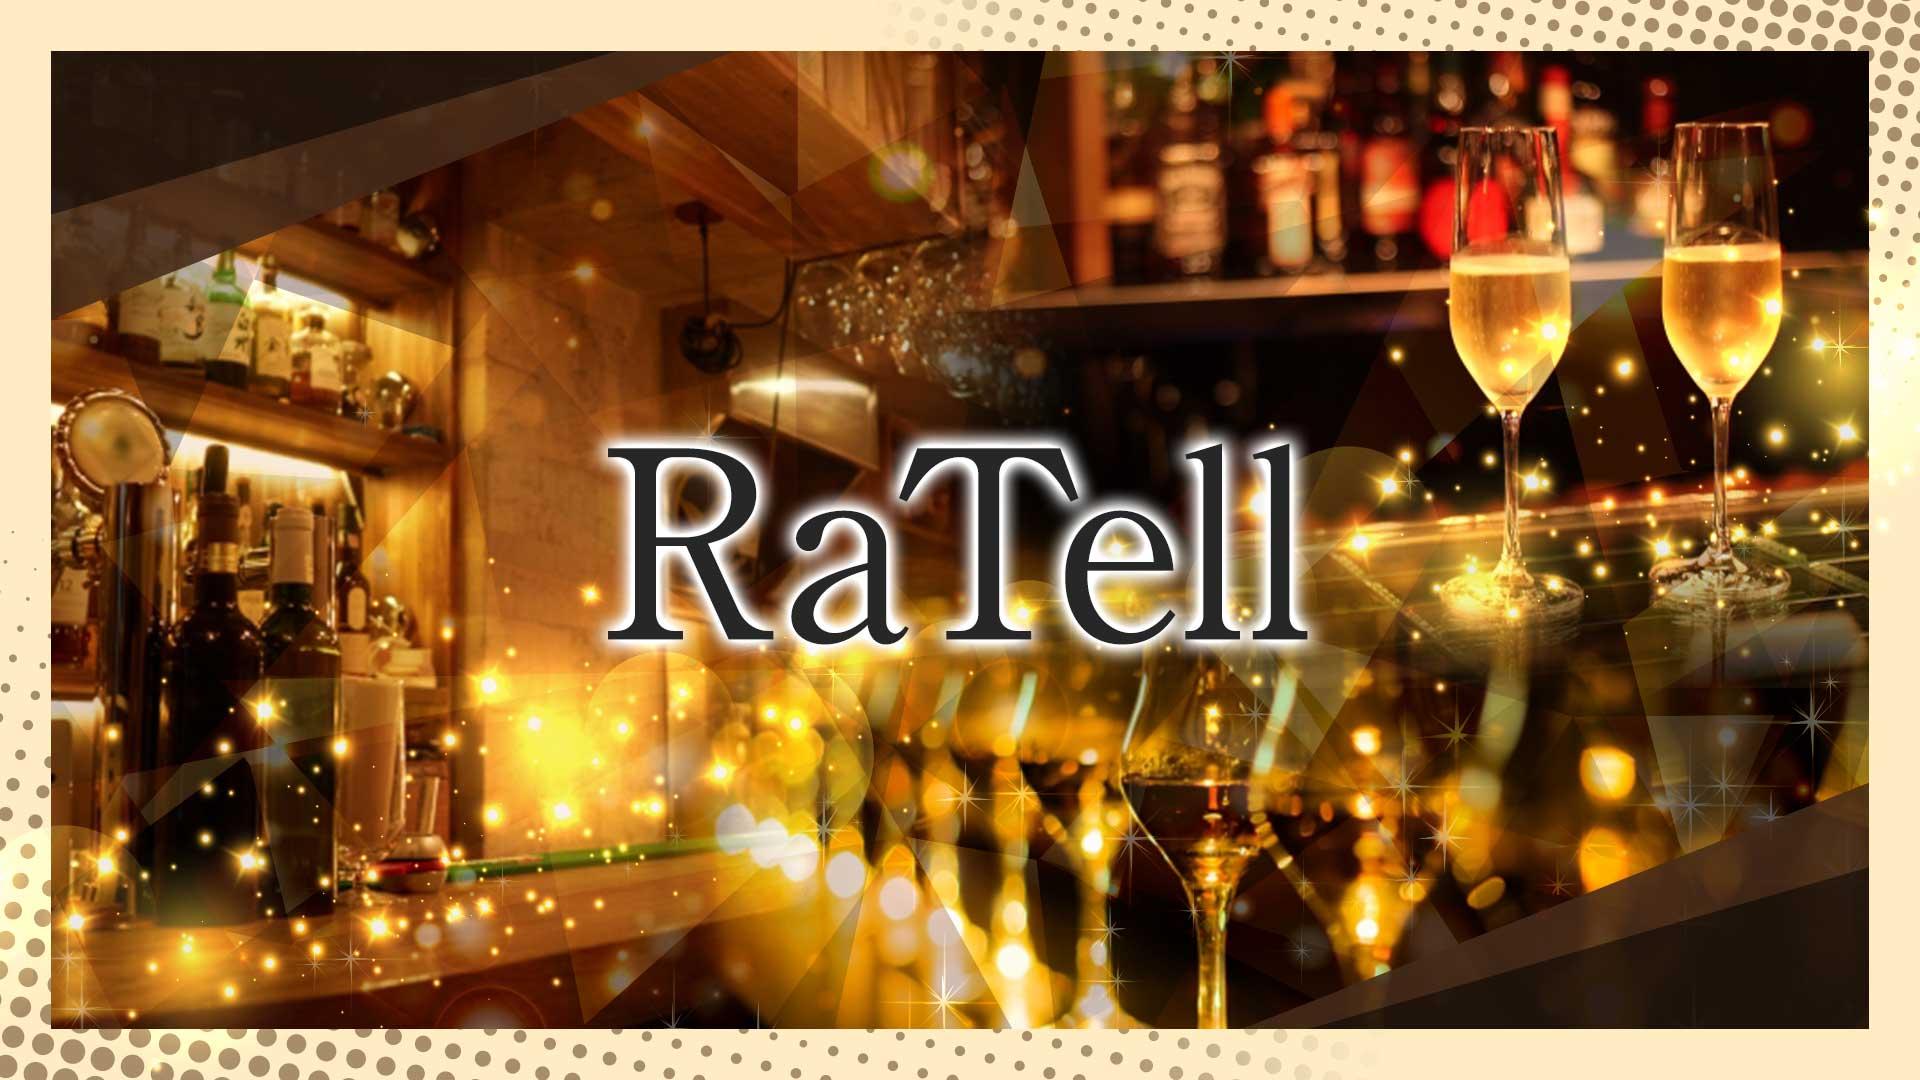 RaTell(ラーテル)【公式求人・体入情報】 歌舞伎町ガールズバー TOP画像